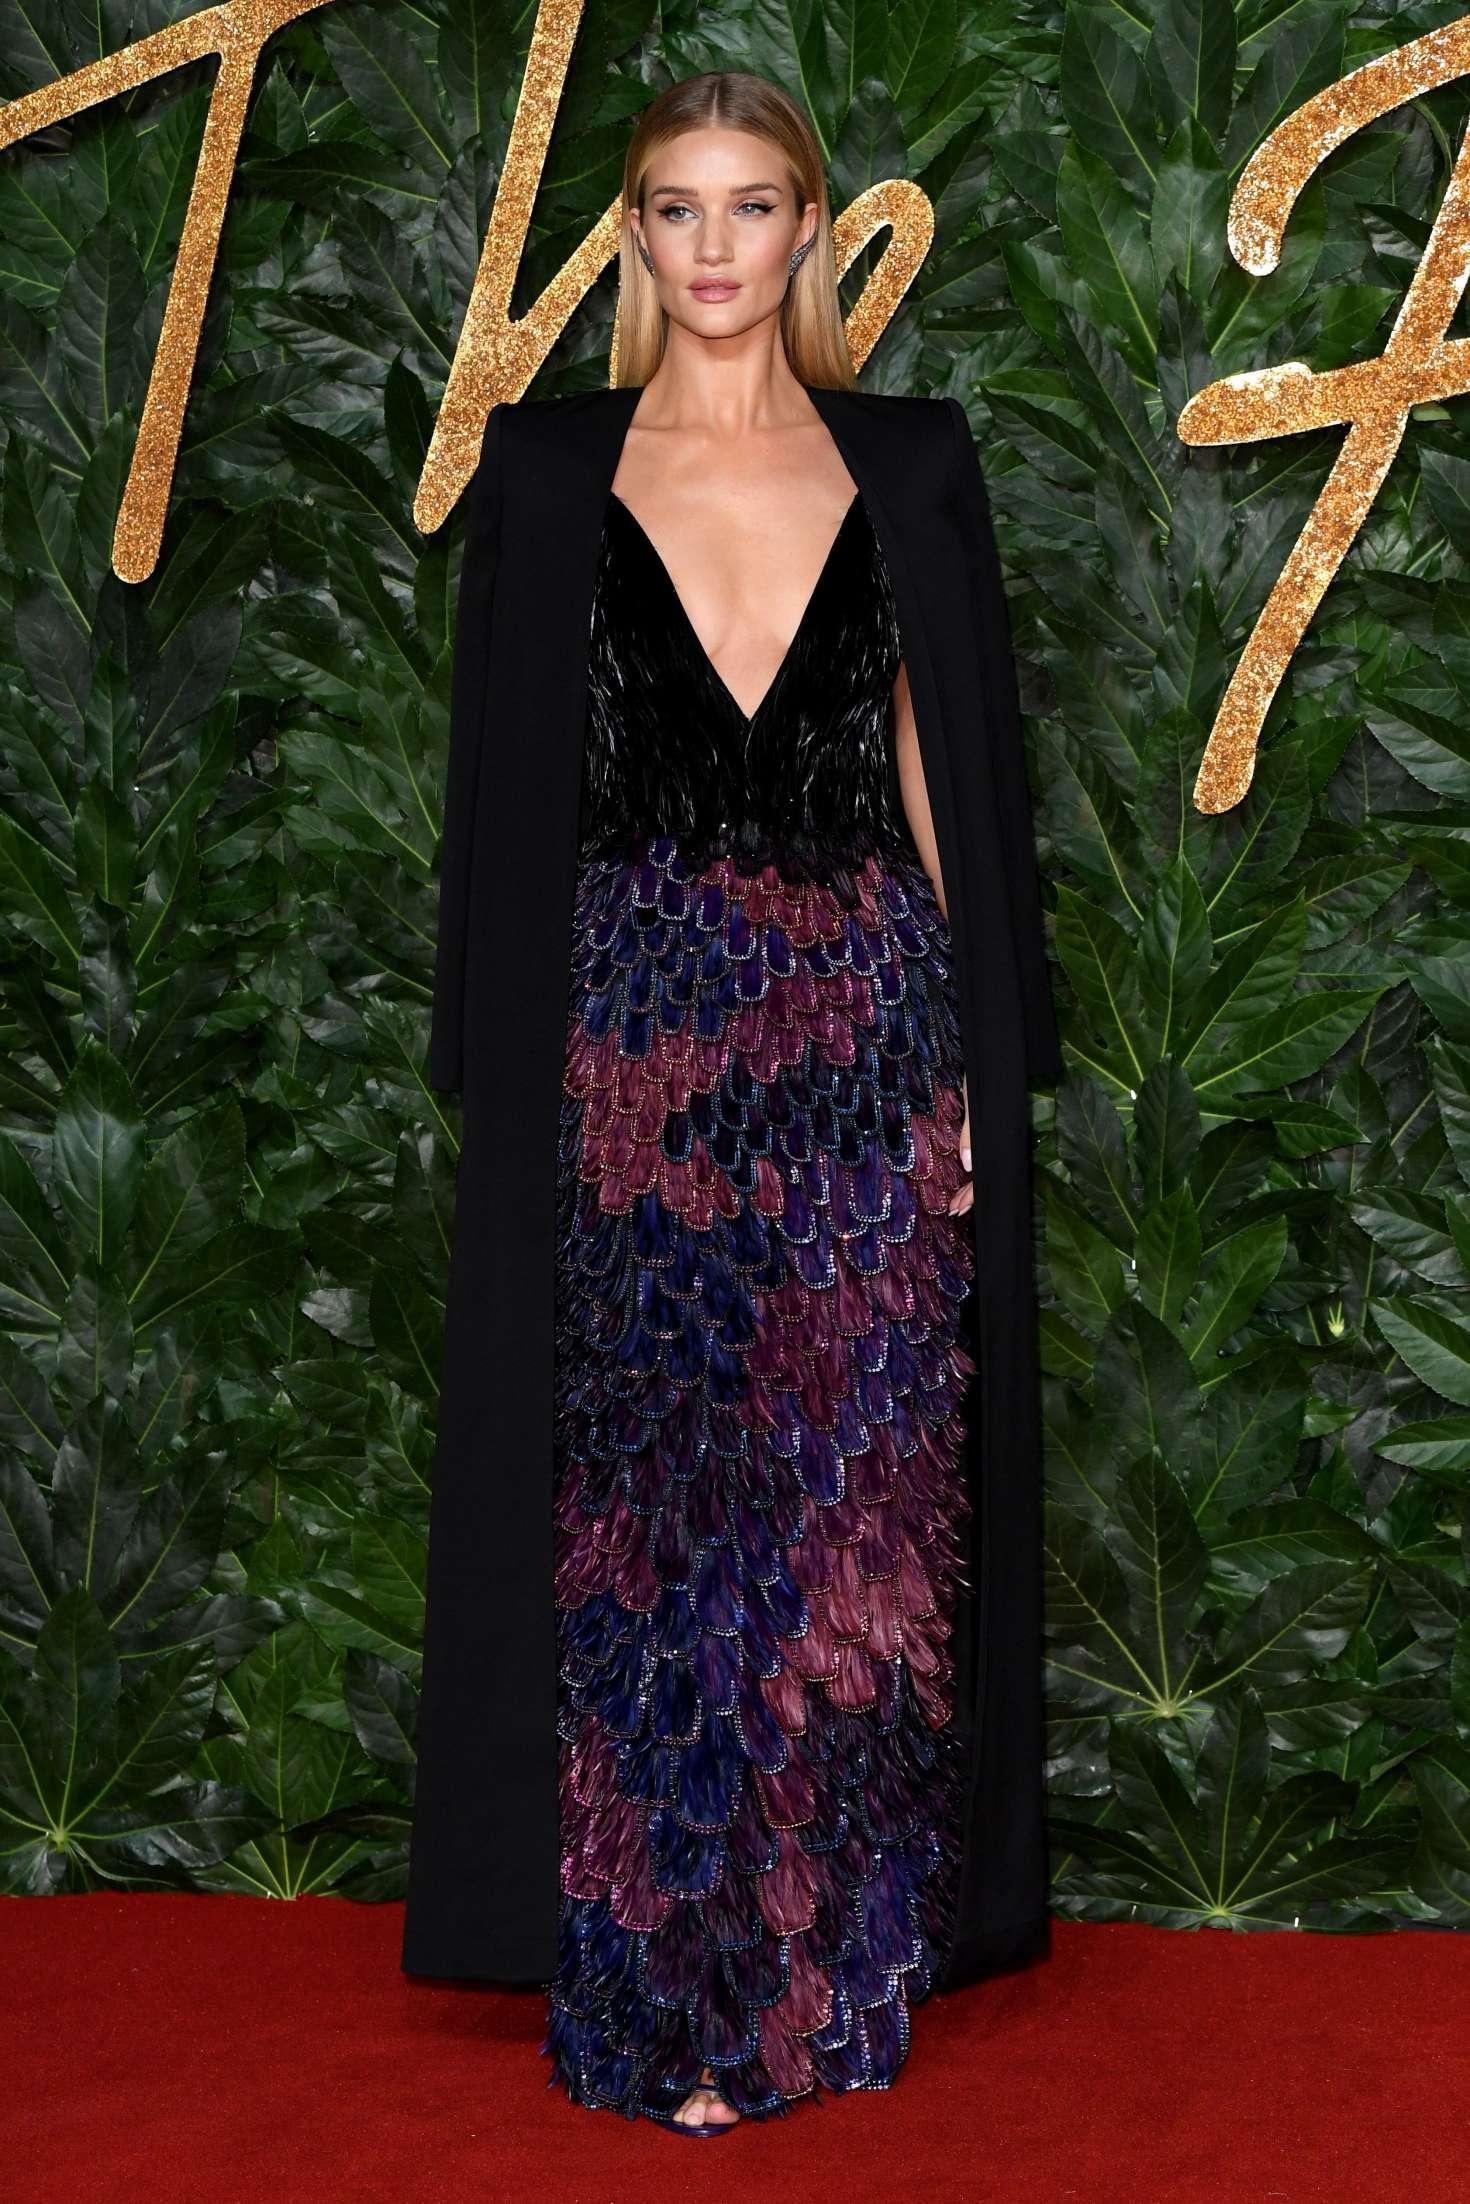 Rosie Huntington Whiteley 2018 : Rosie Huntington Whiteley: 2018 British Fashion Awards -02